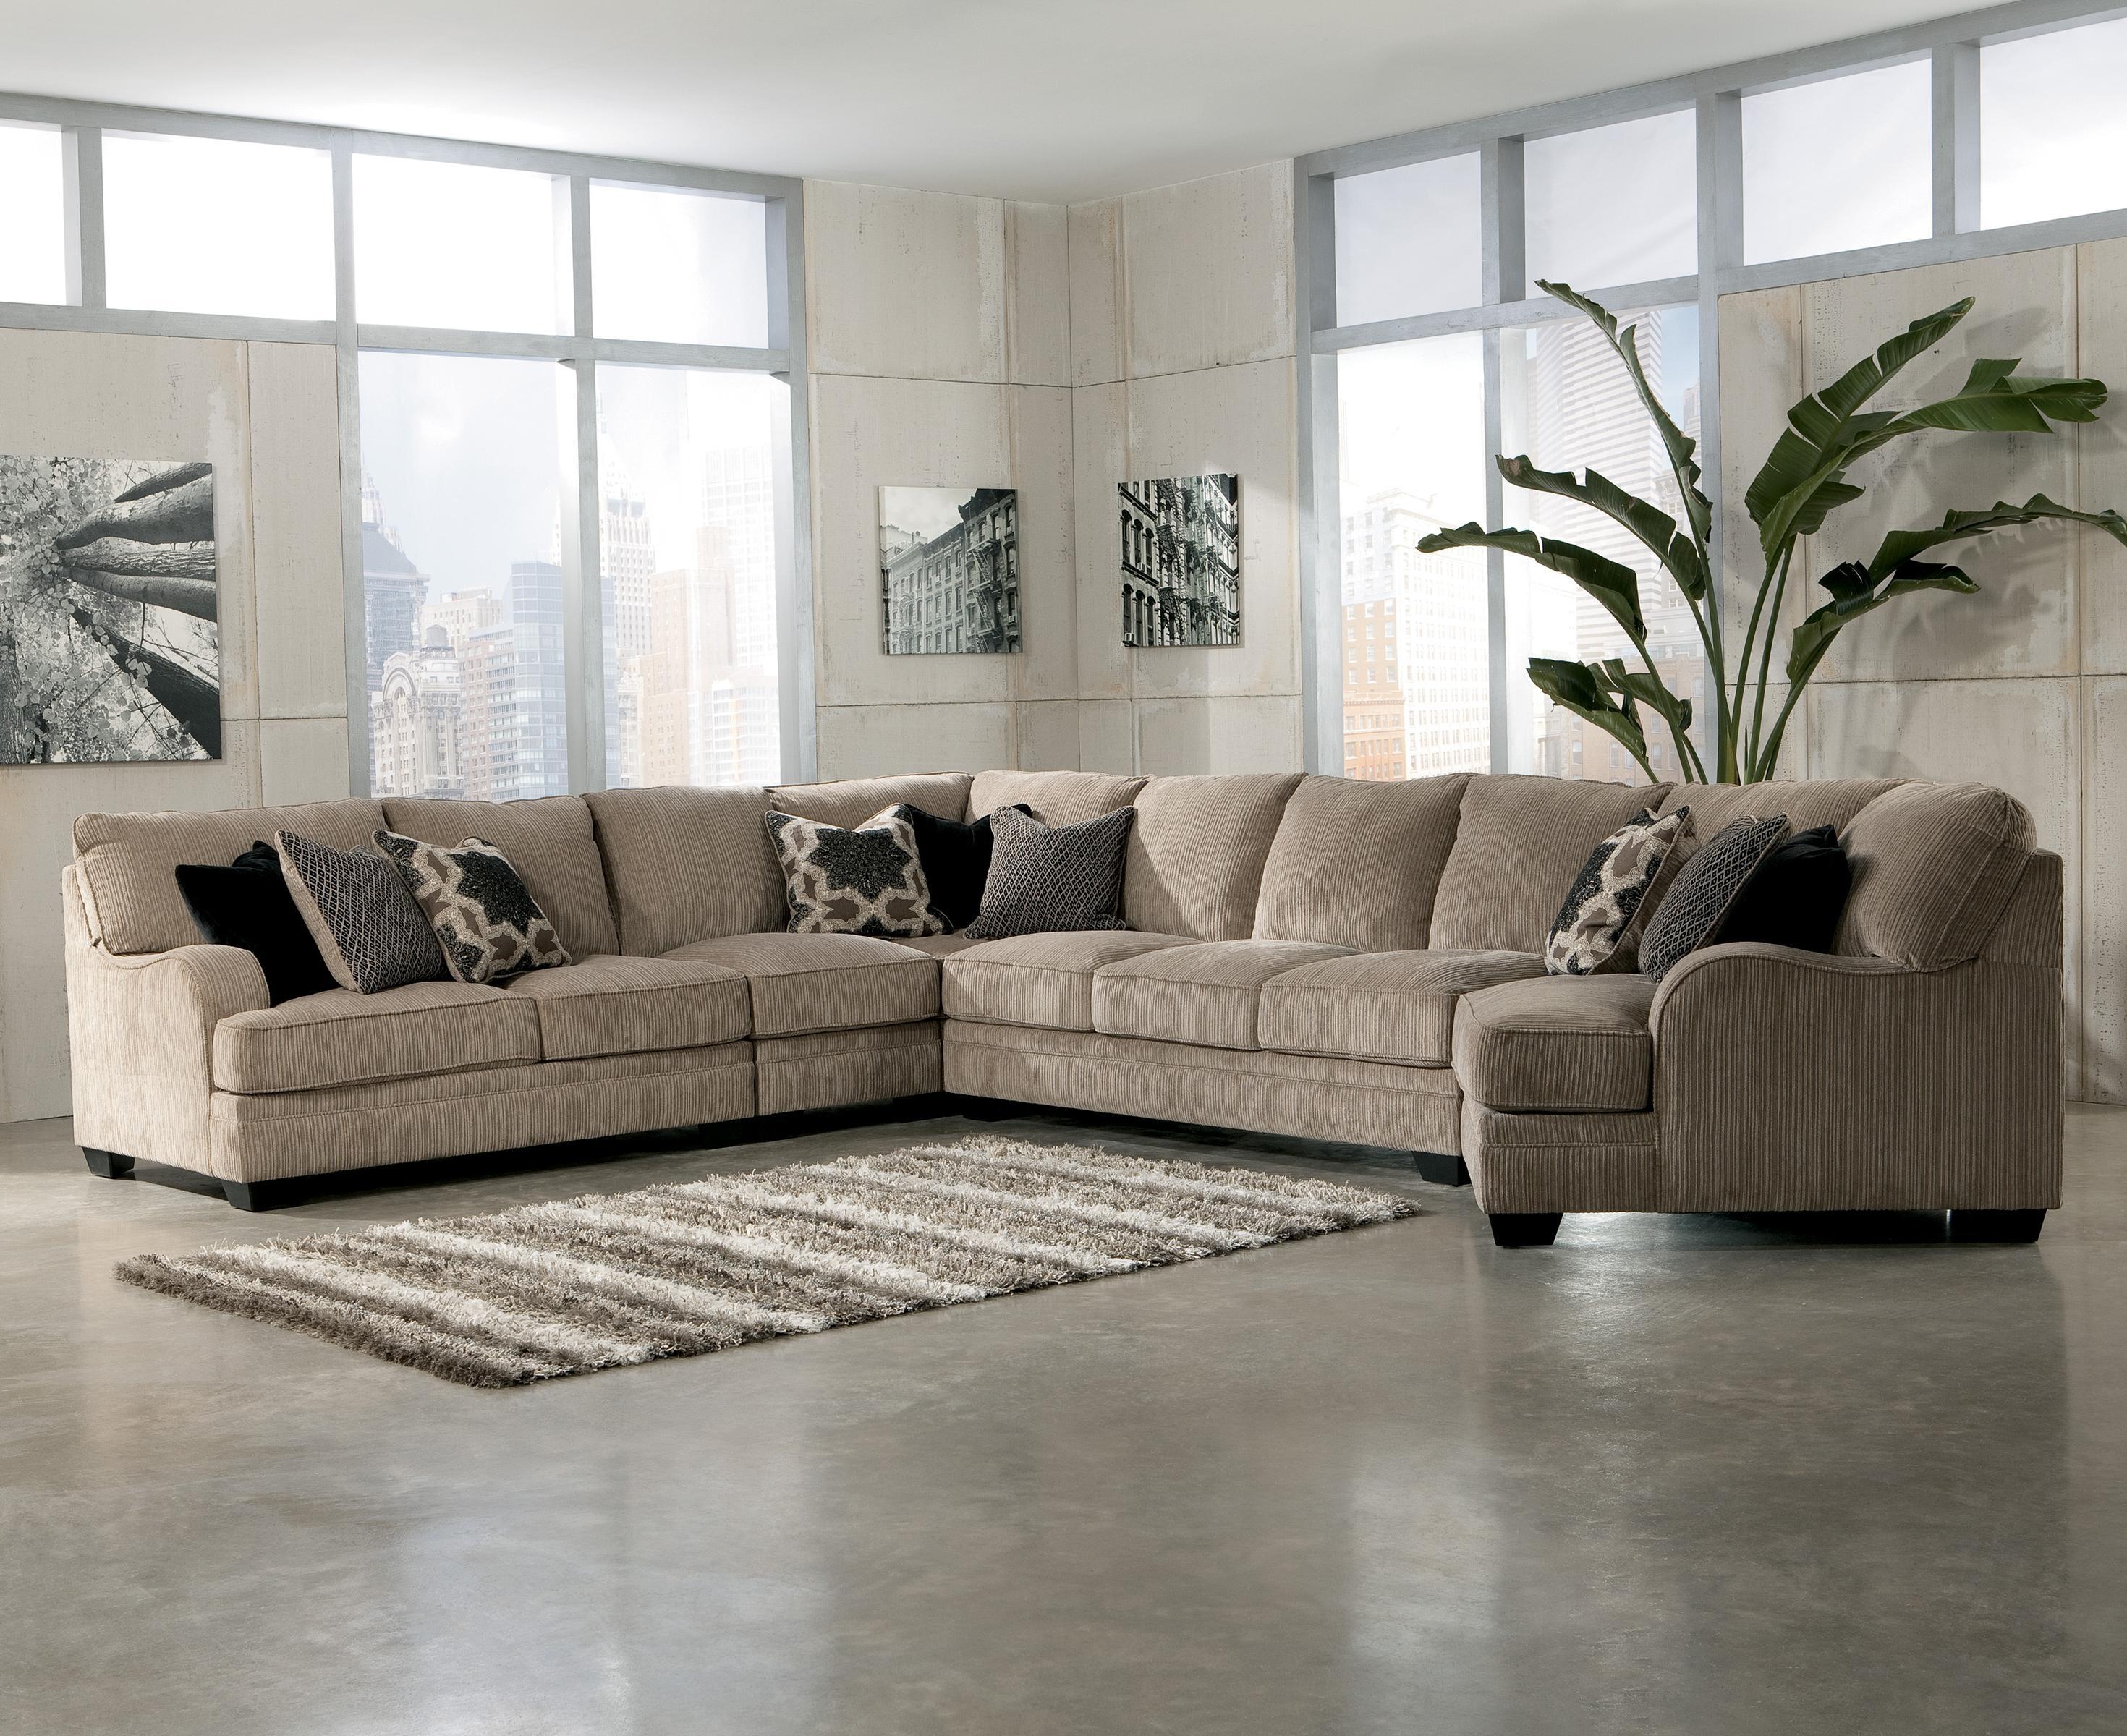 Signature Designashley Katisha – Platinum 5 Piece Sectional Sofa Throughout Kansas City Mo Sectional Sofas (Image 10 of 10)